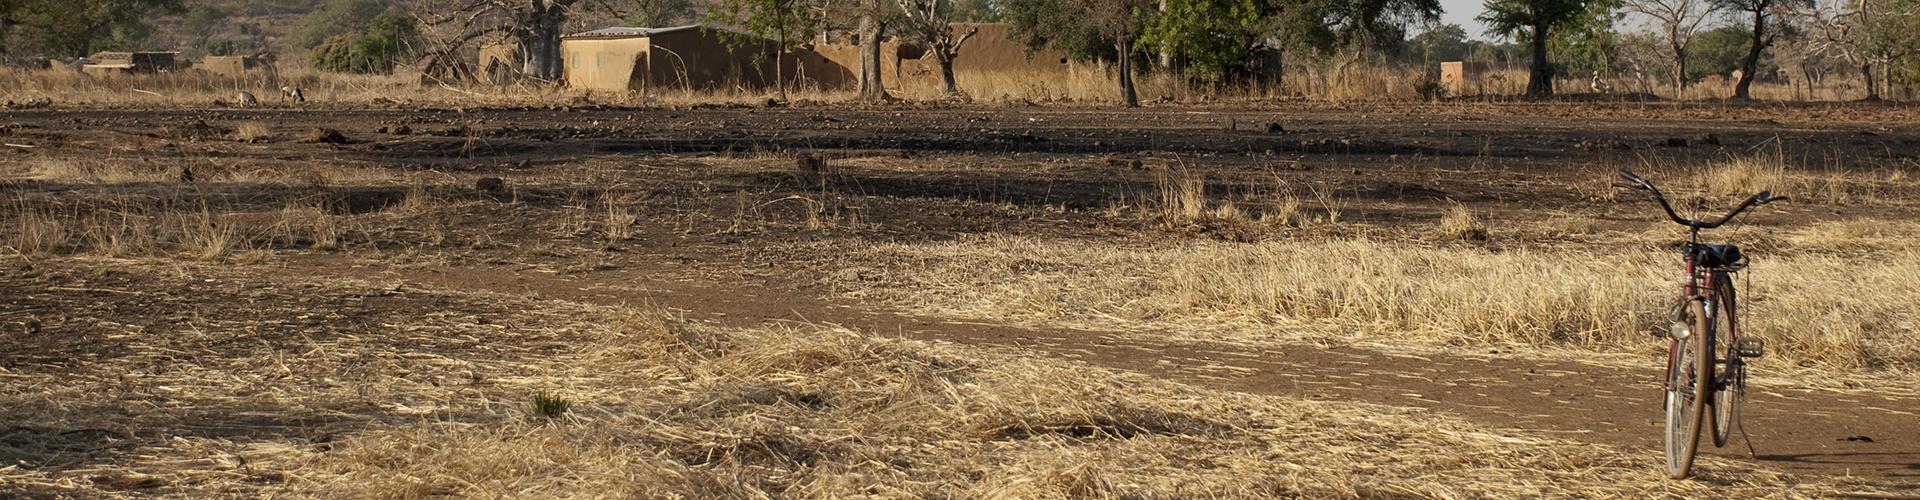 Burkina_0223 Kopie